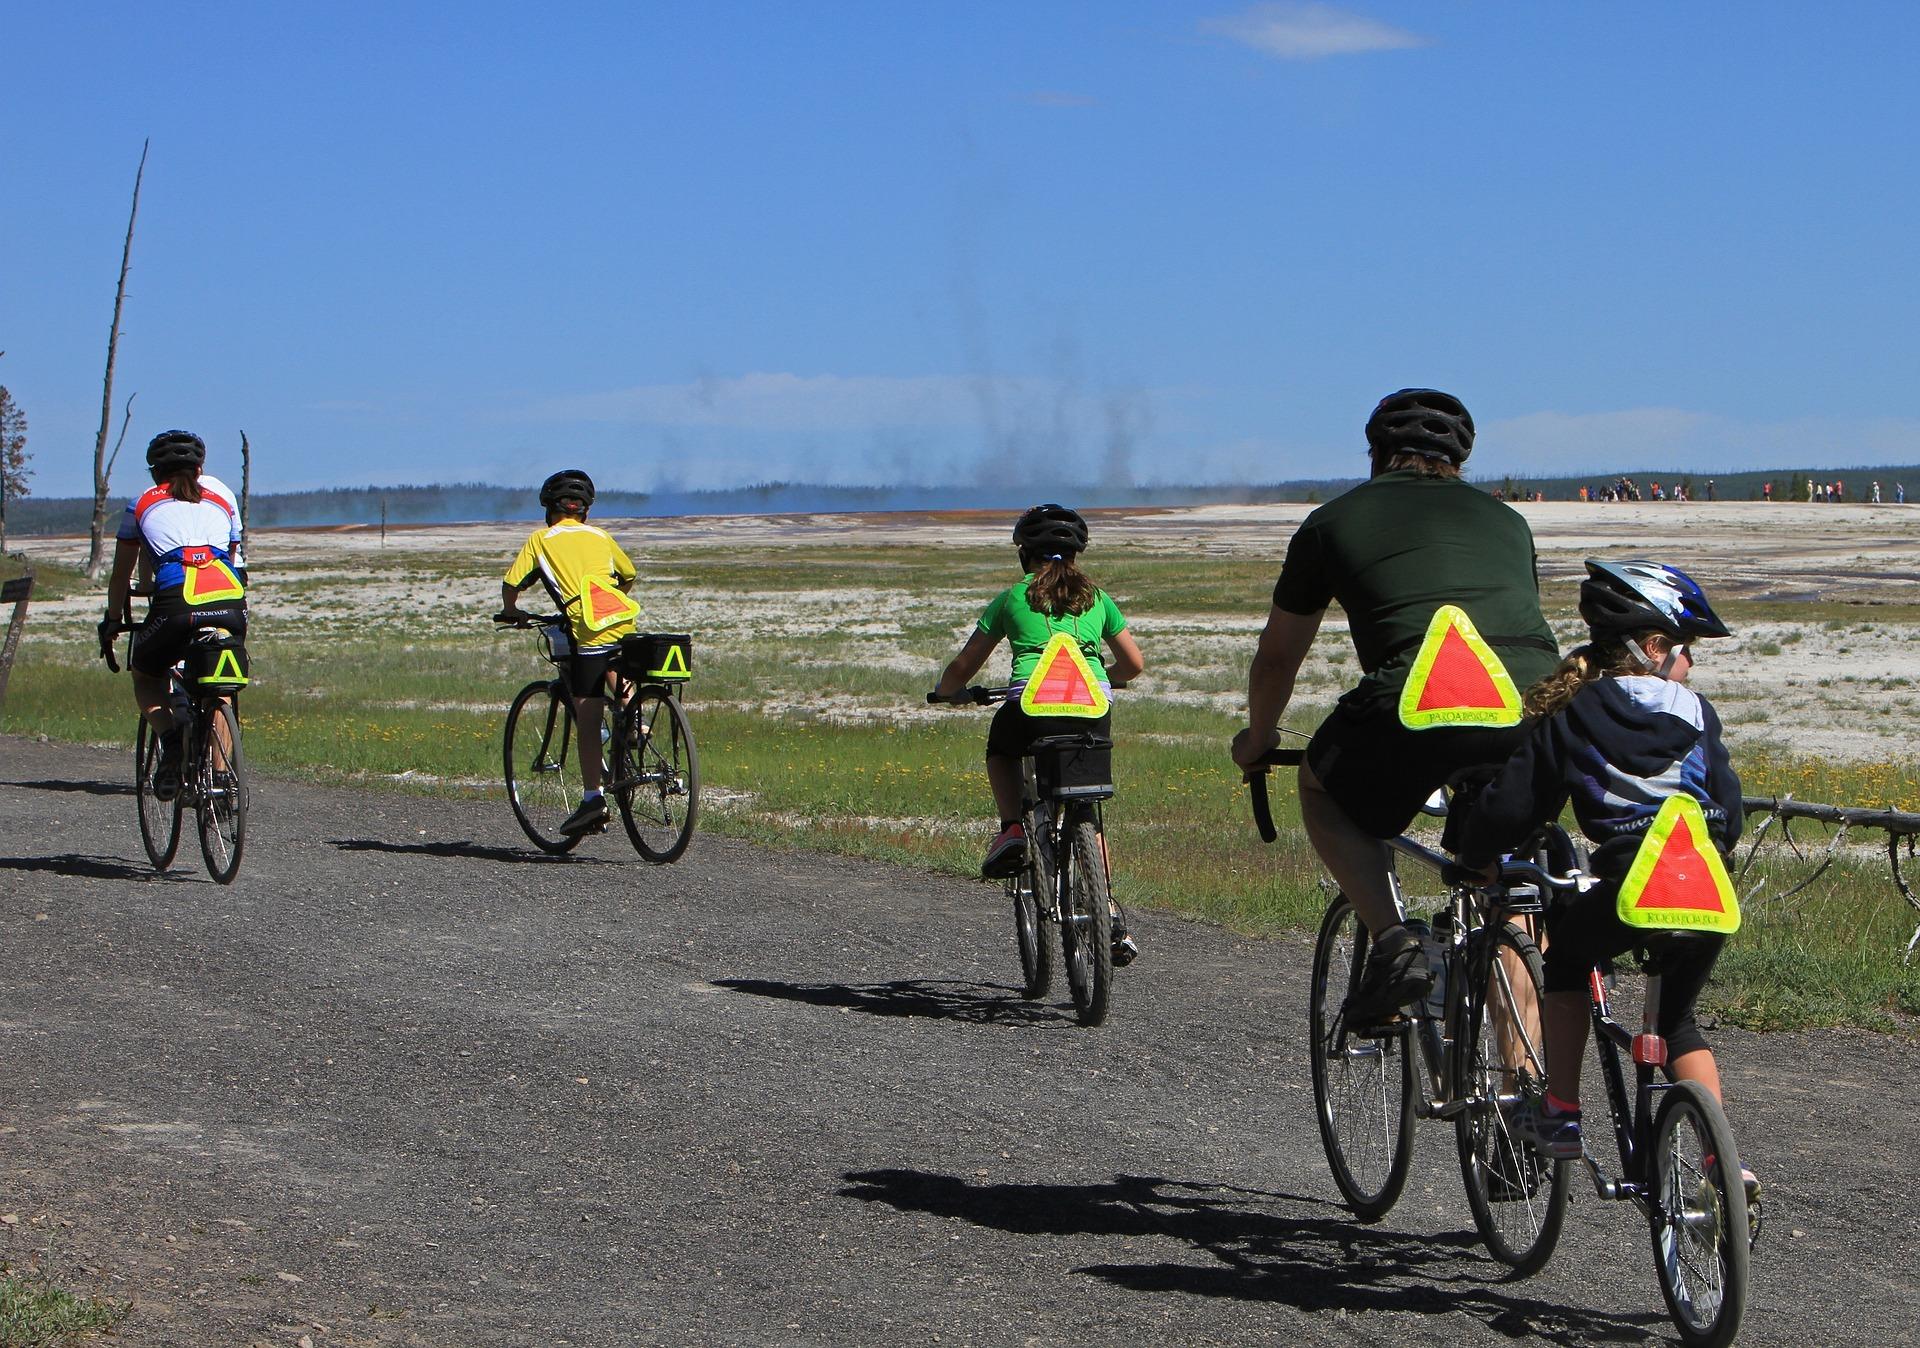 Familia practicando ciclismo de forma segura